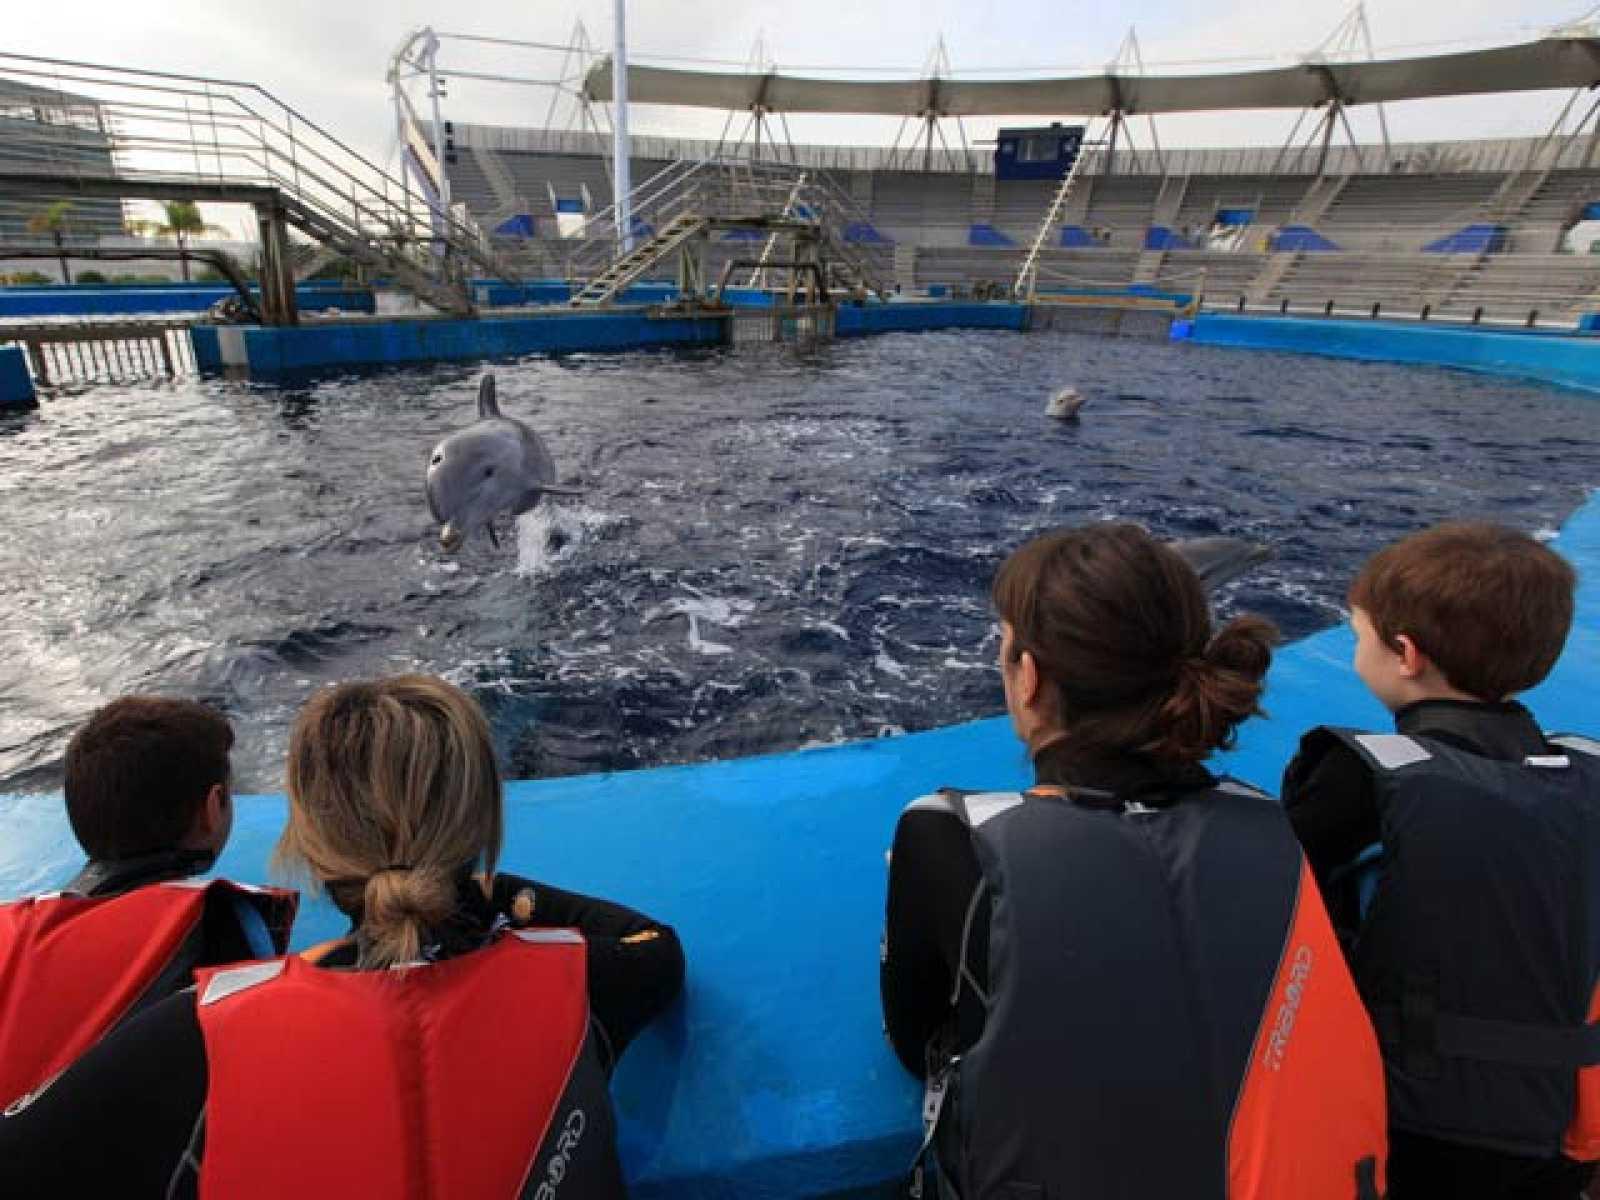 Delfinoterapia para combatir el autismo en el Oceanogràfic de Valencia